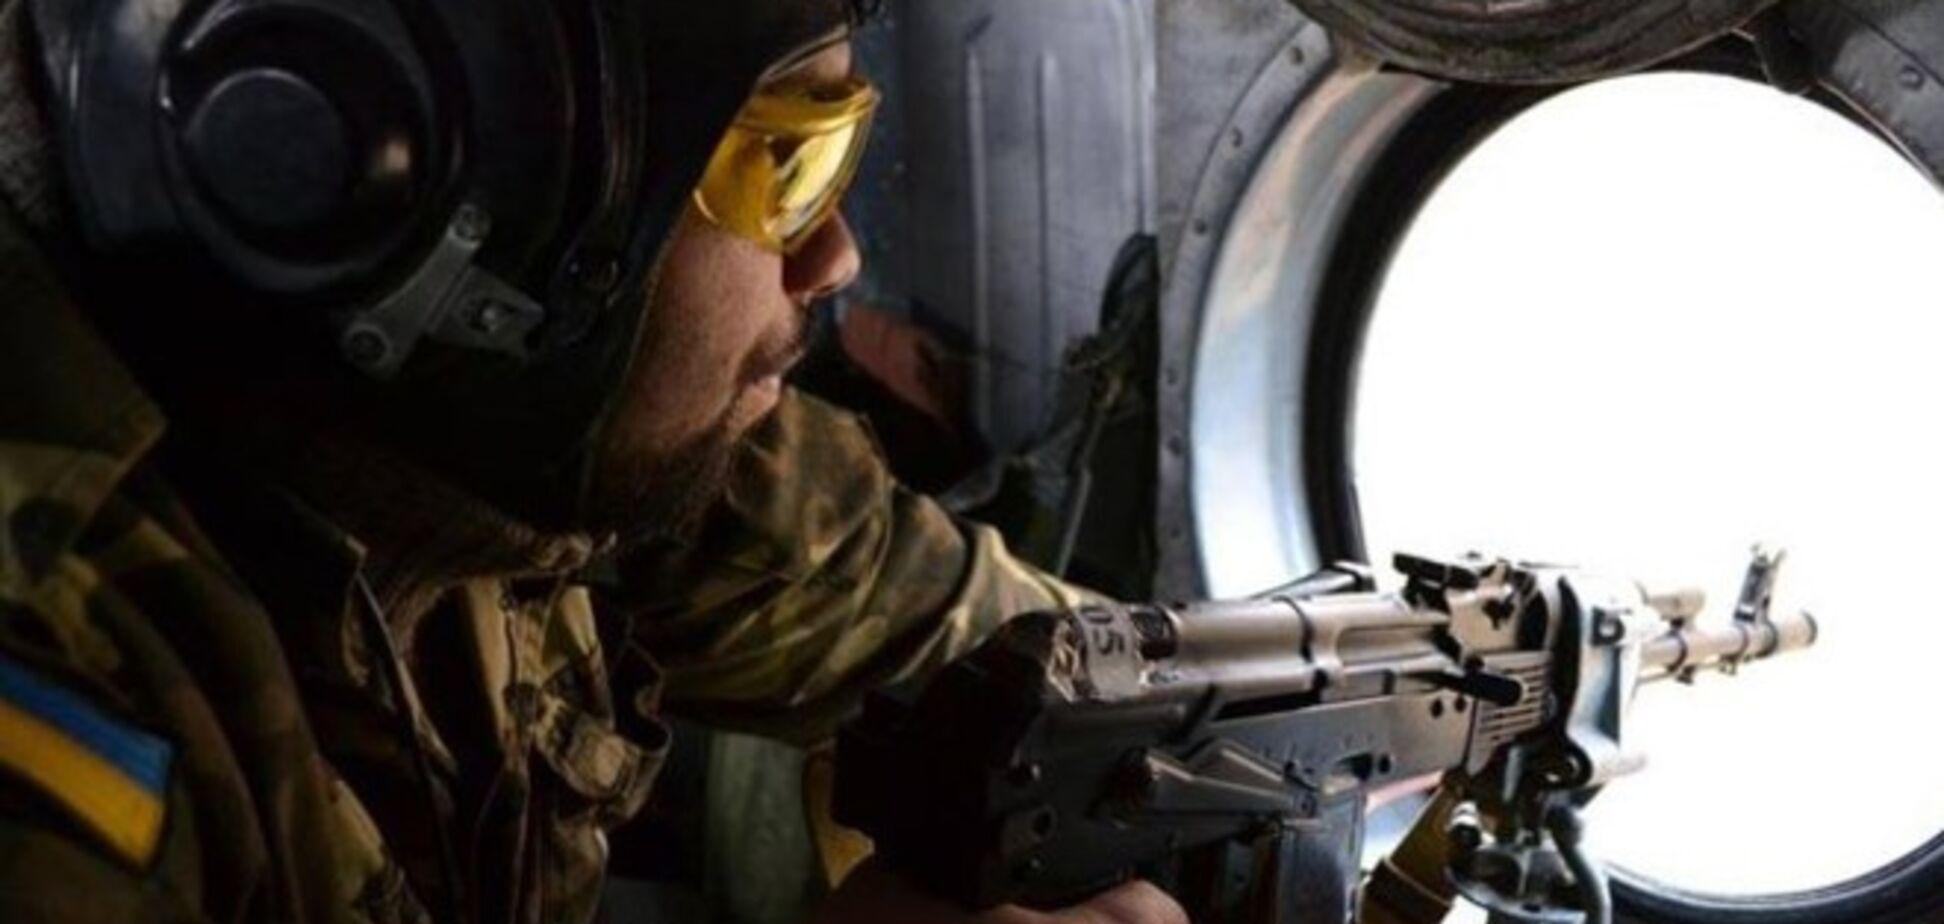 Часть бойцов АТО вырвалась из окружения под Дебальцево: много раненых и погибших остаются под огнем